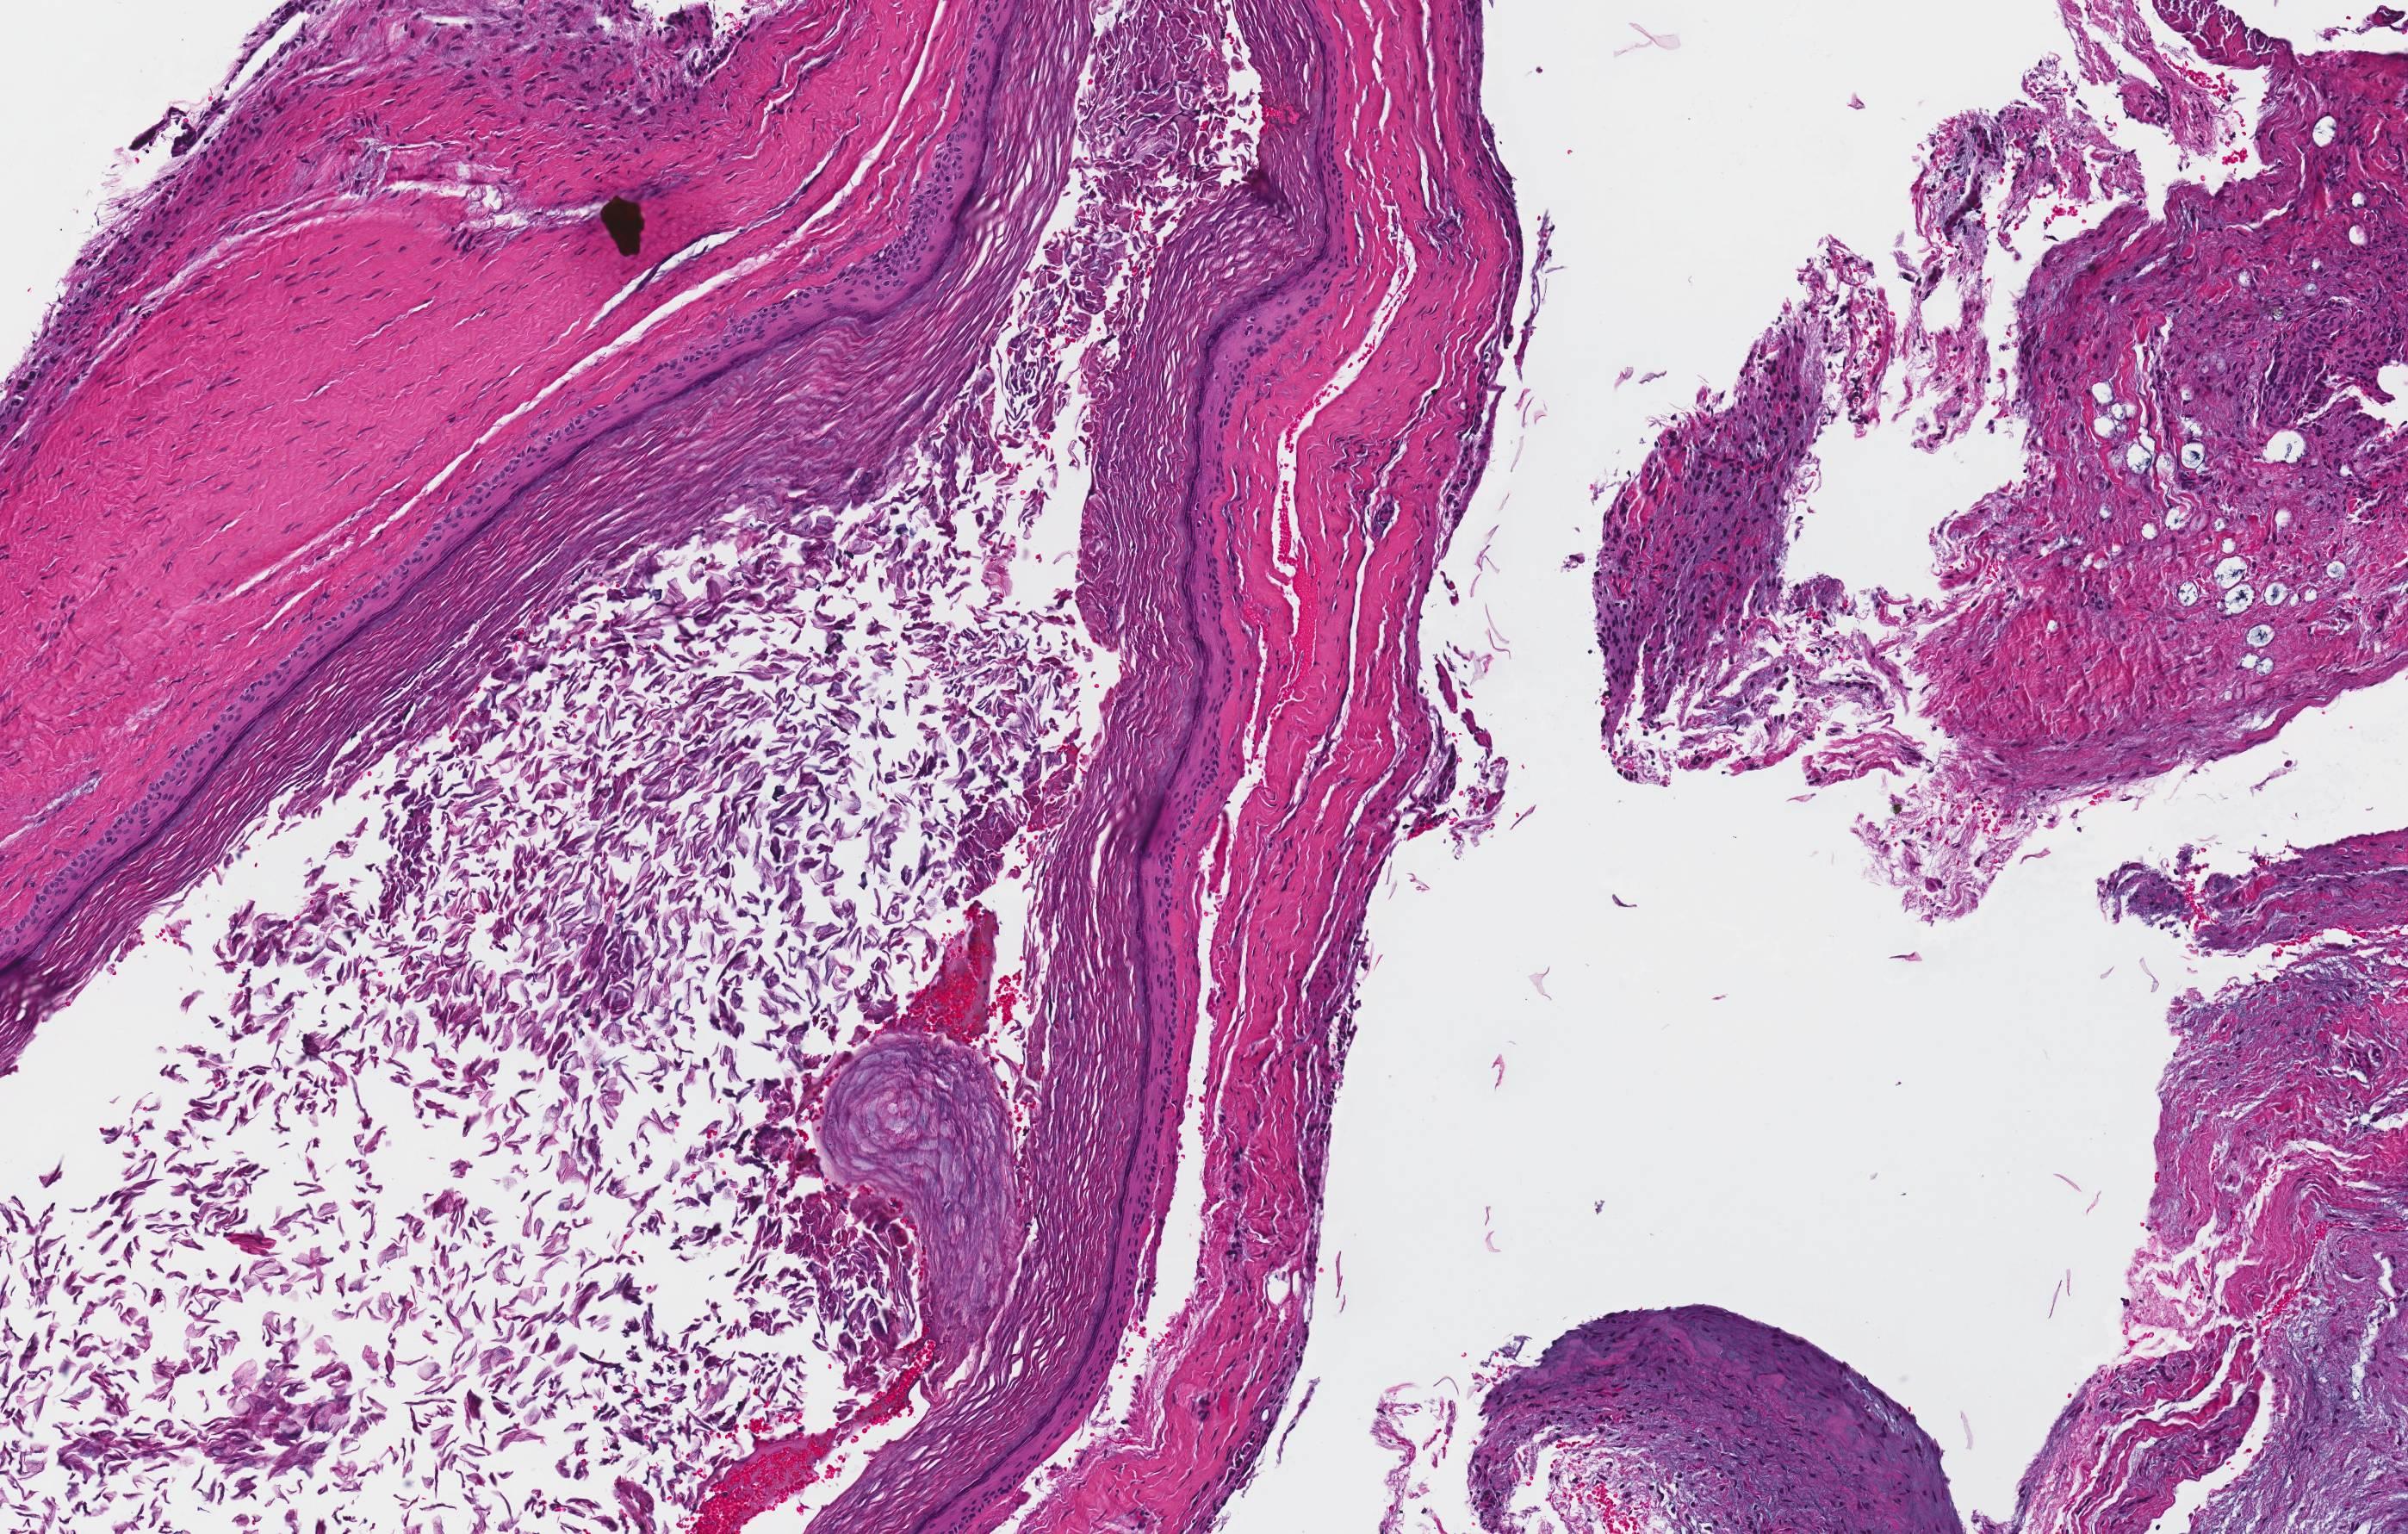 Orthokeratinized odontogenic cyst